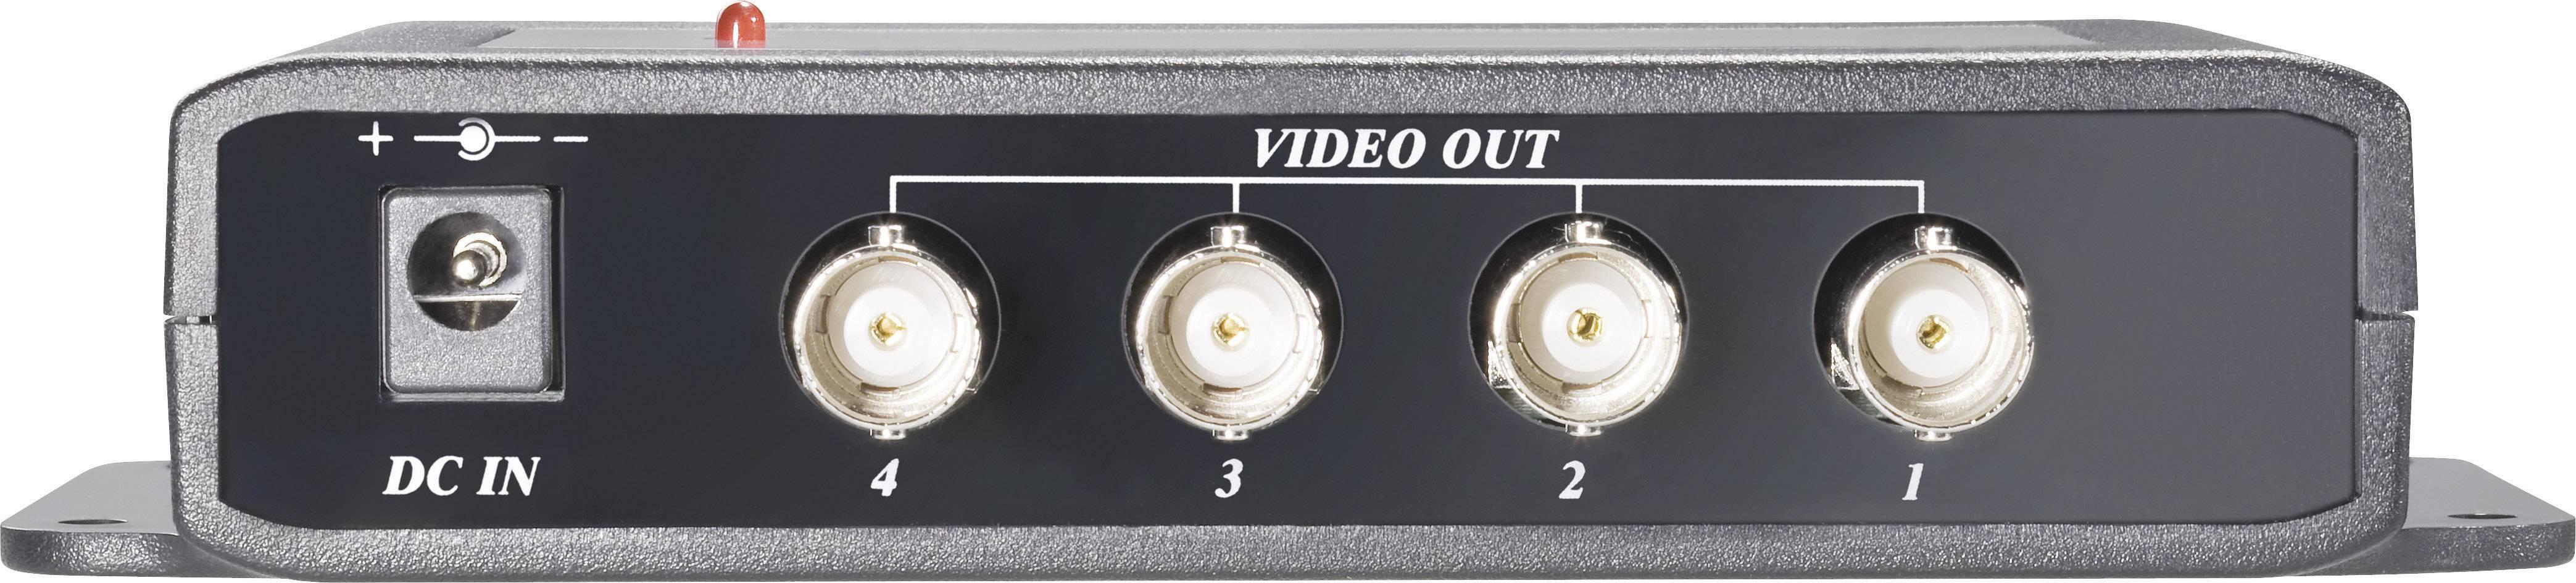 Rozbočovač video signálu Sygonix, 4-kanálový